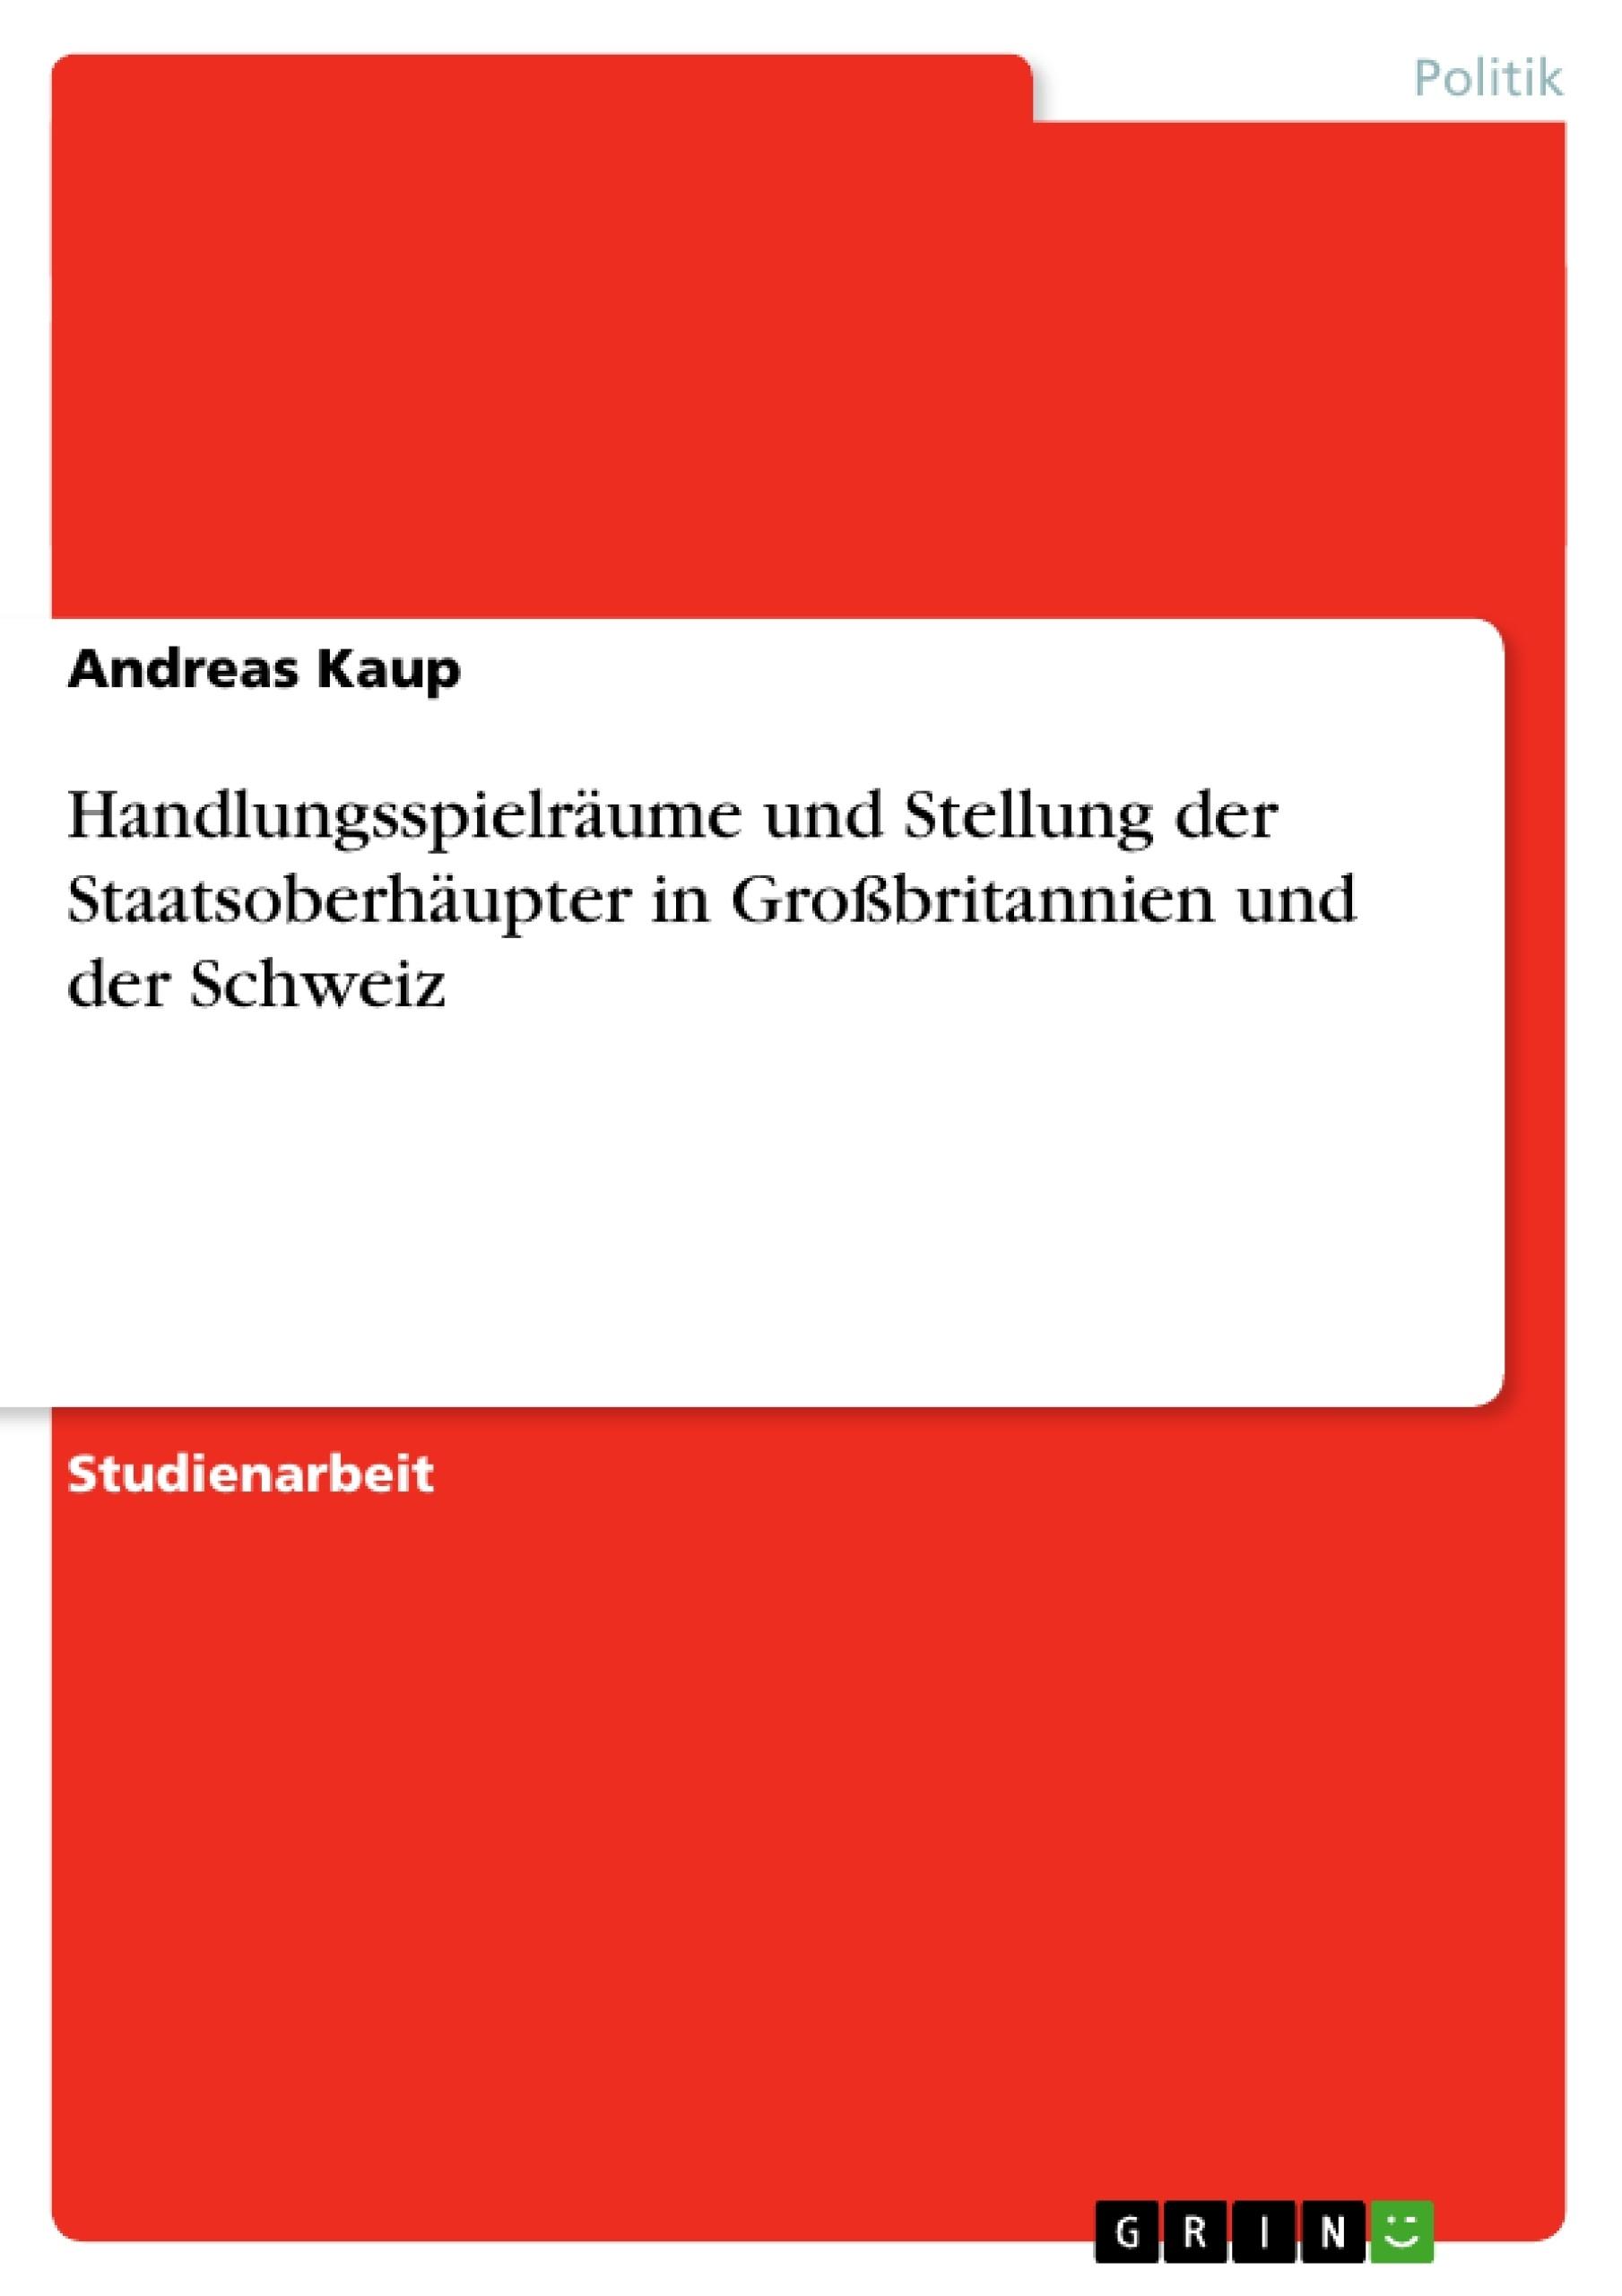 Titel: Handlungsspielräume und Stellung der Staatsoberhäupter in Großbritannien und der Schweiz